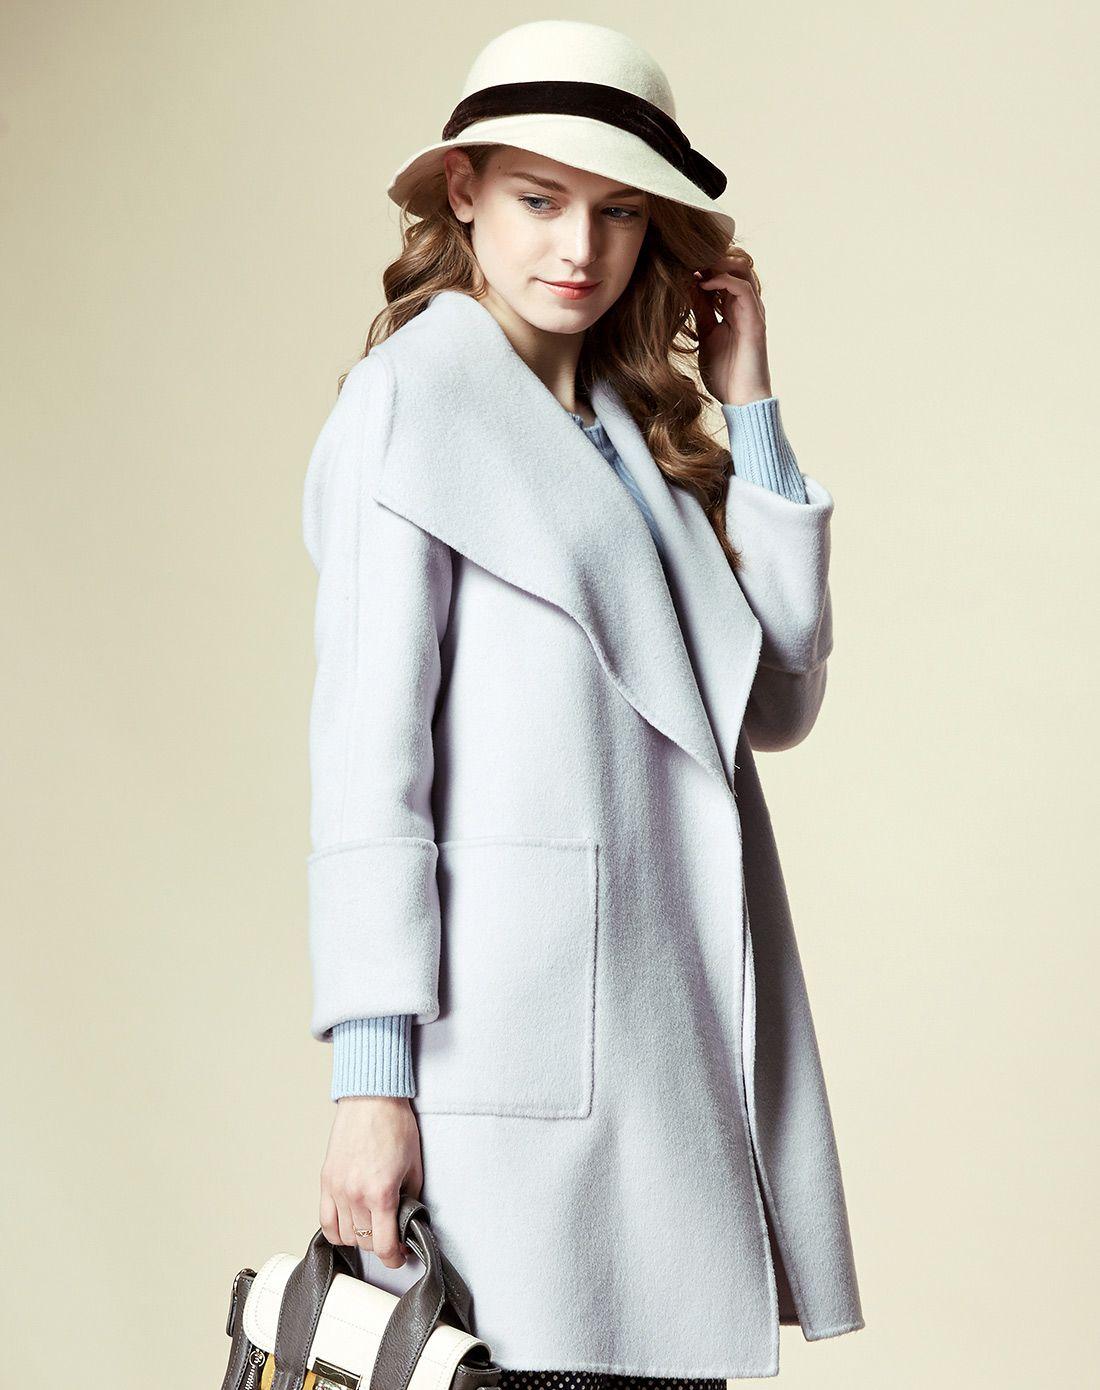 米皇羊绒衫正品型号规格 - 京东